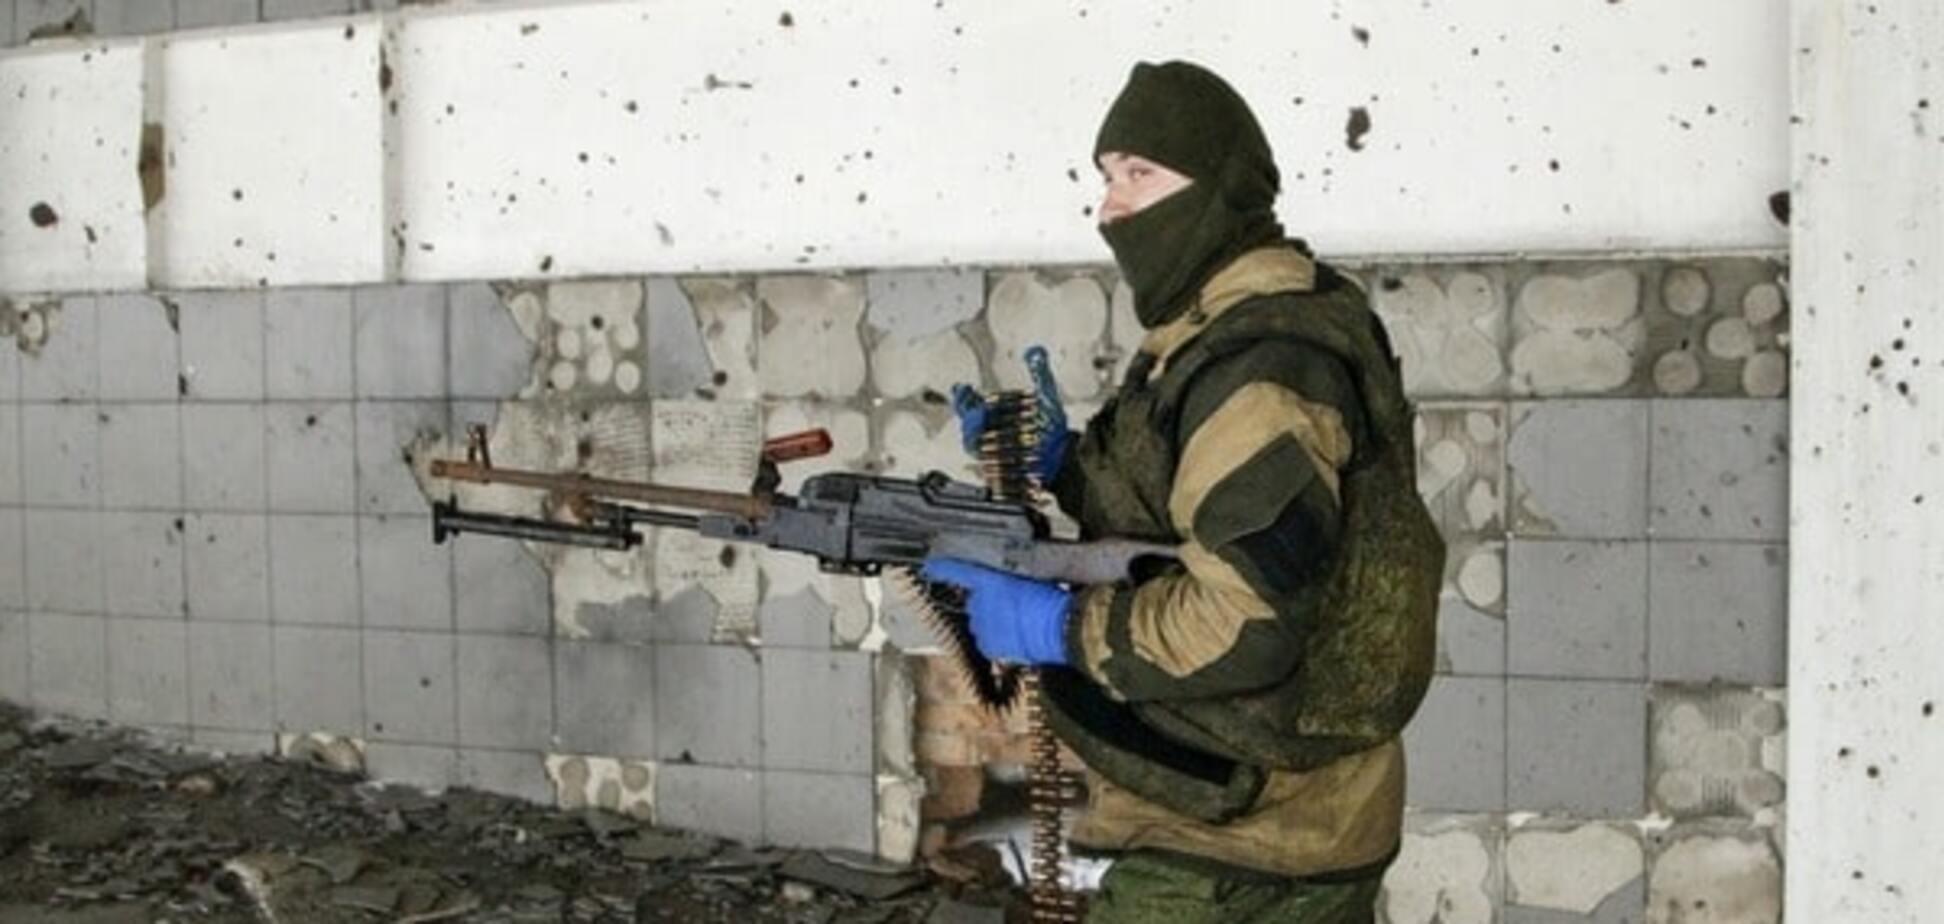 Процесс пошел: прибывшая на Донбасс миссия ООН озвучила свою главную задачу